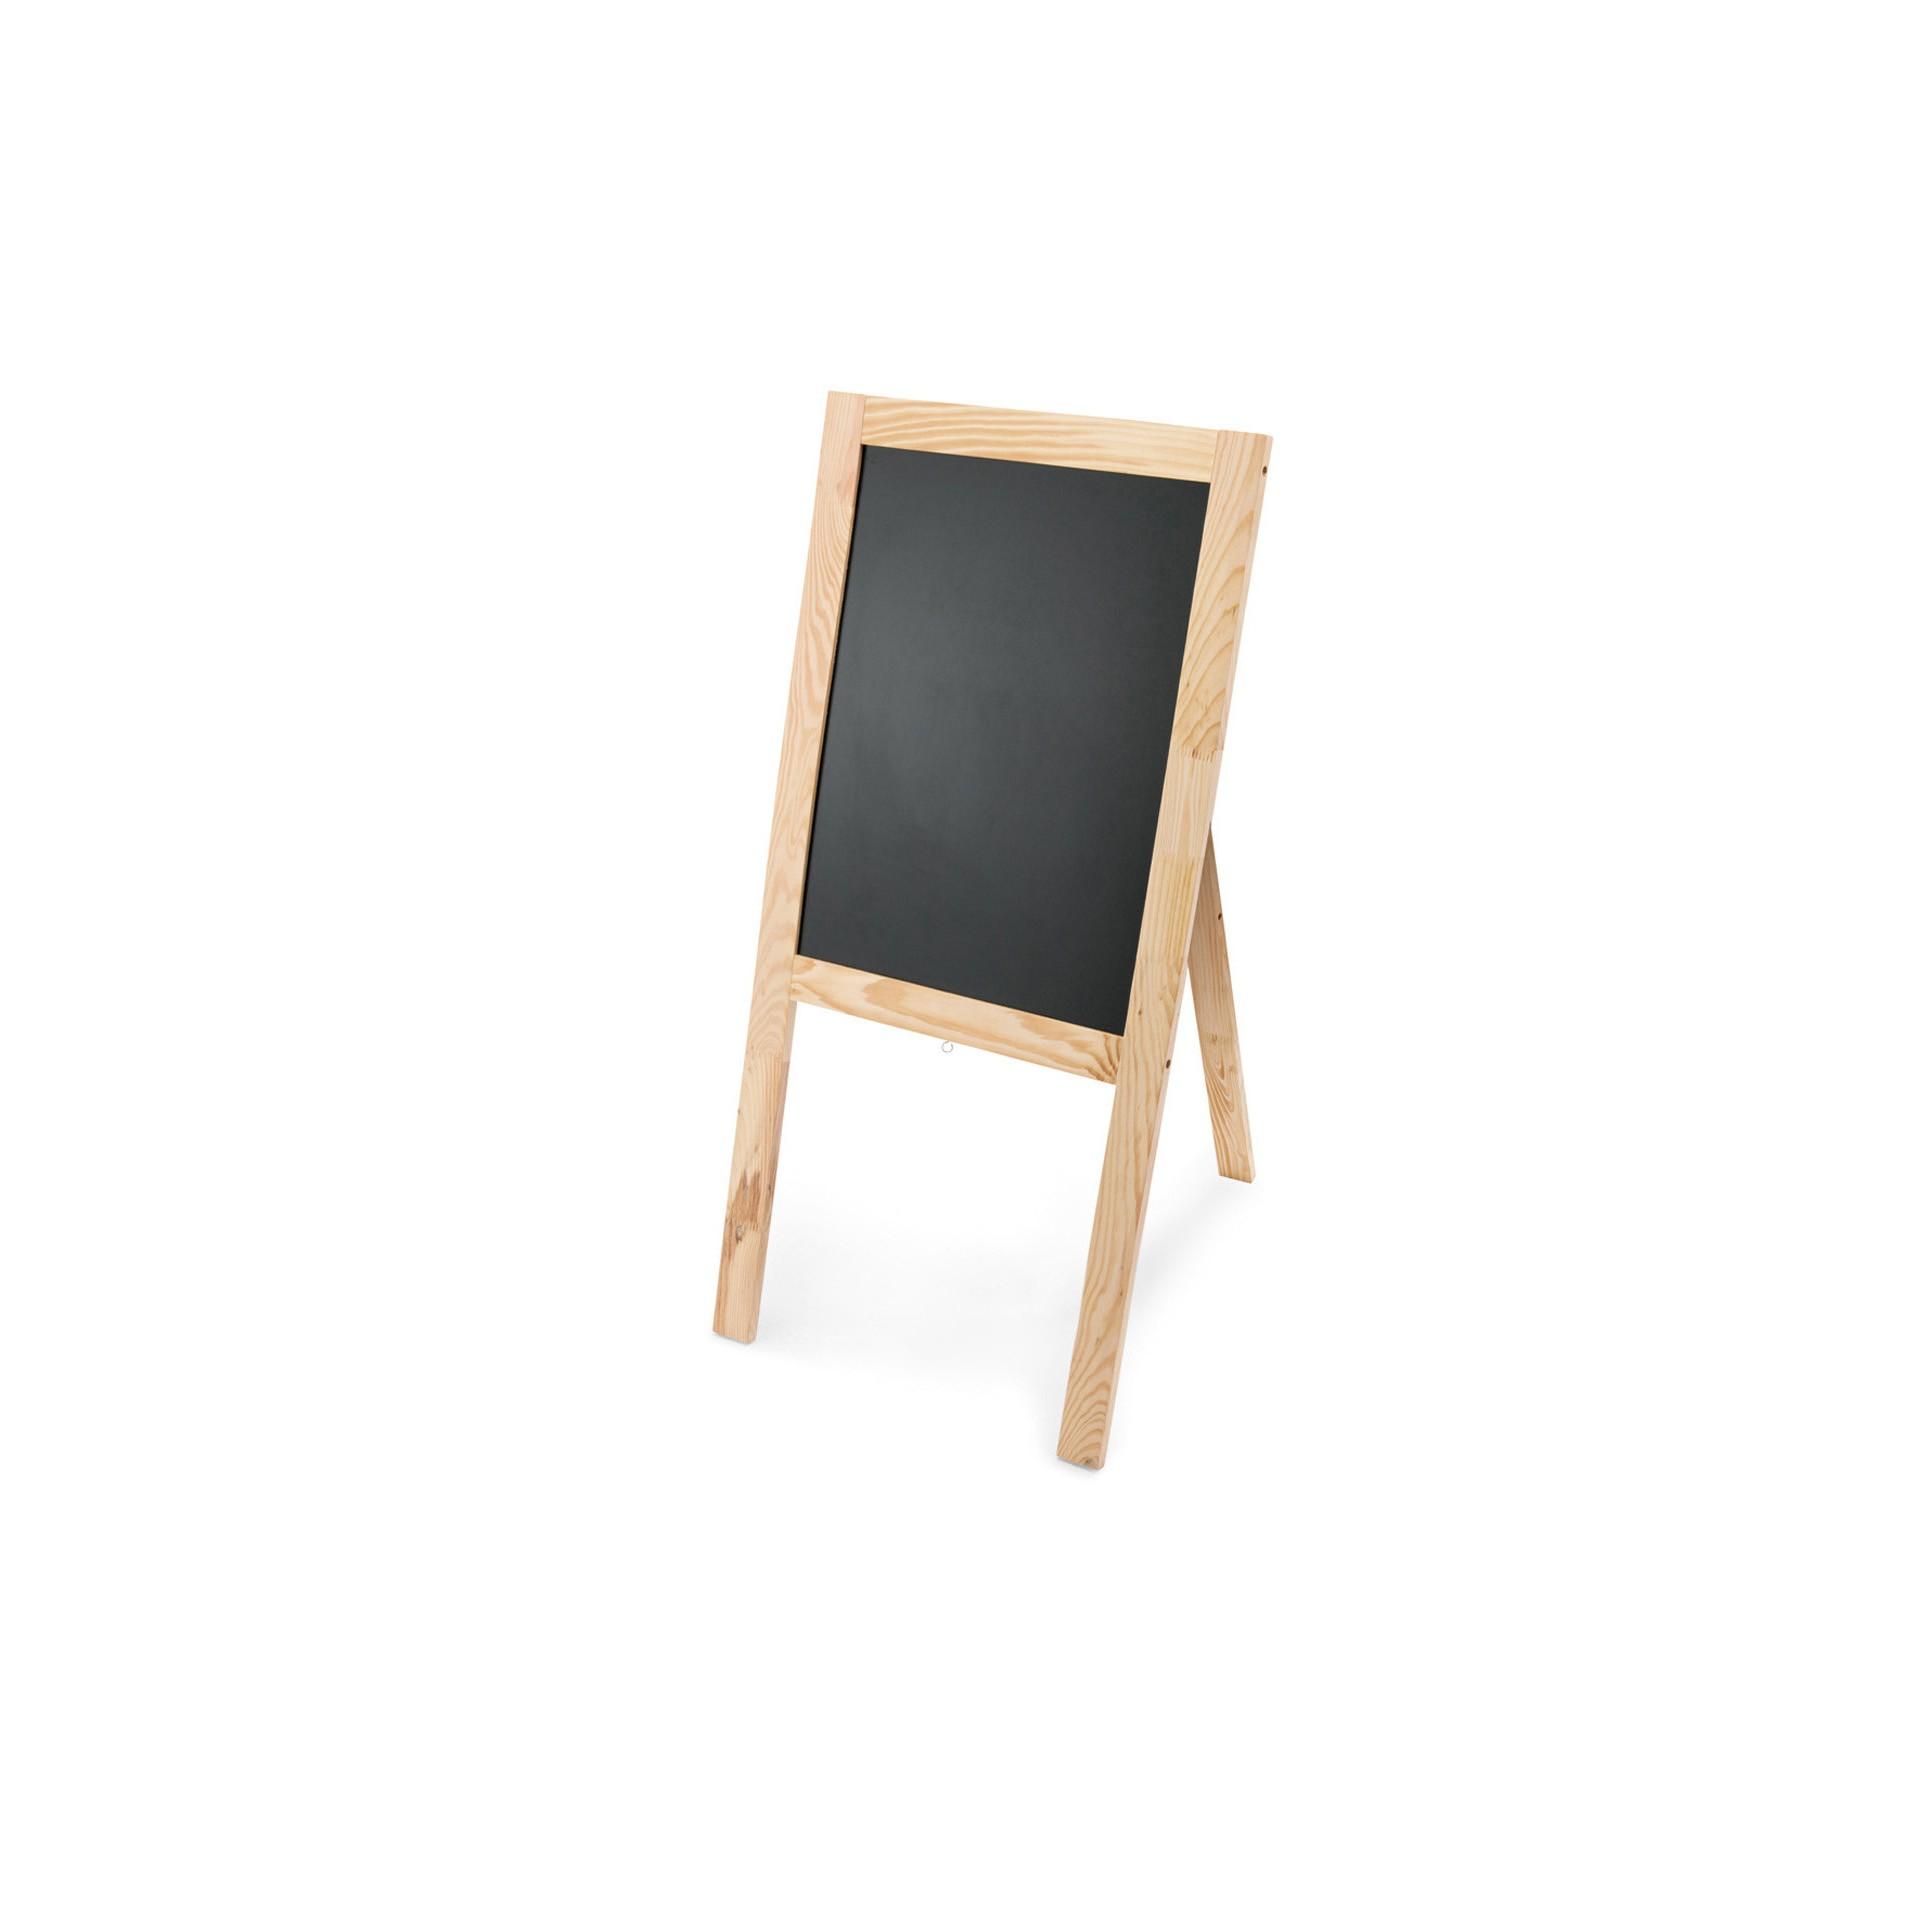 Aufsteller - Holz - mit Fuß - billiger kaufen - 4310.104